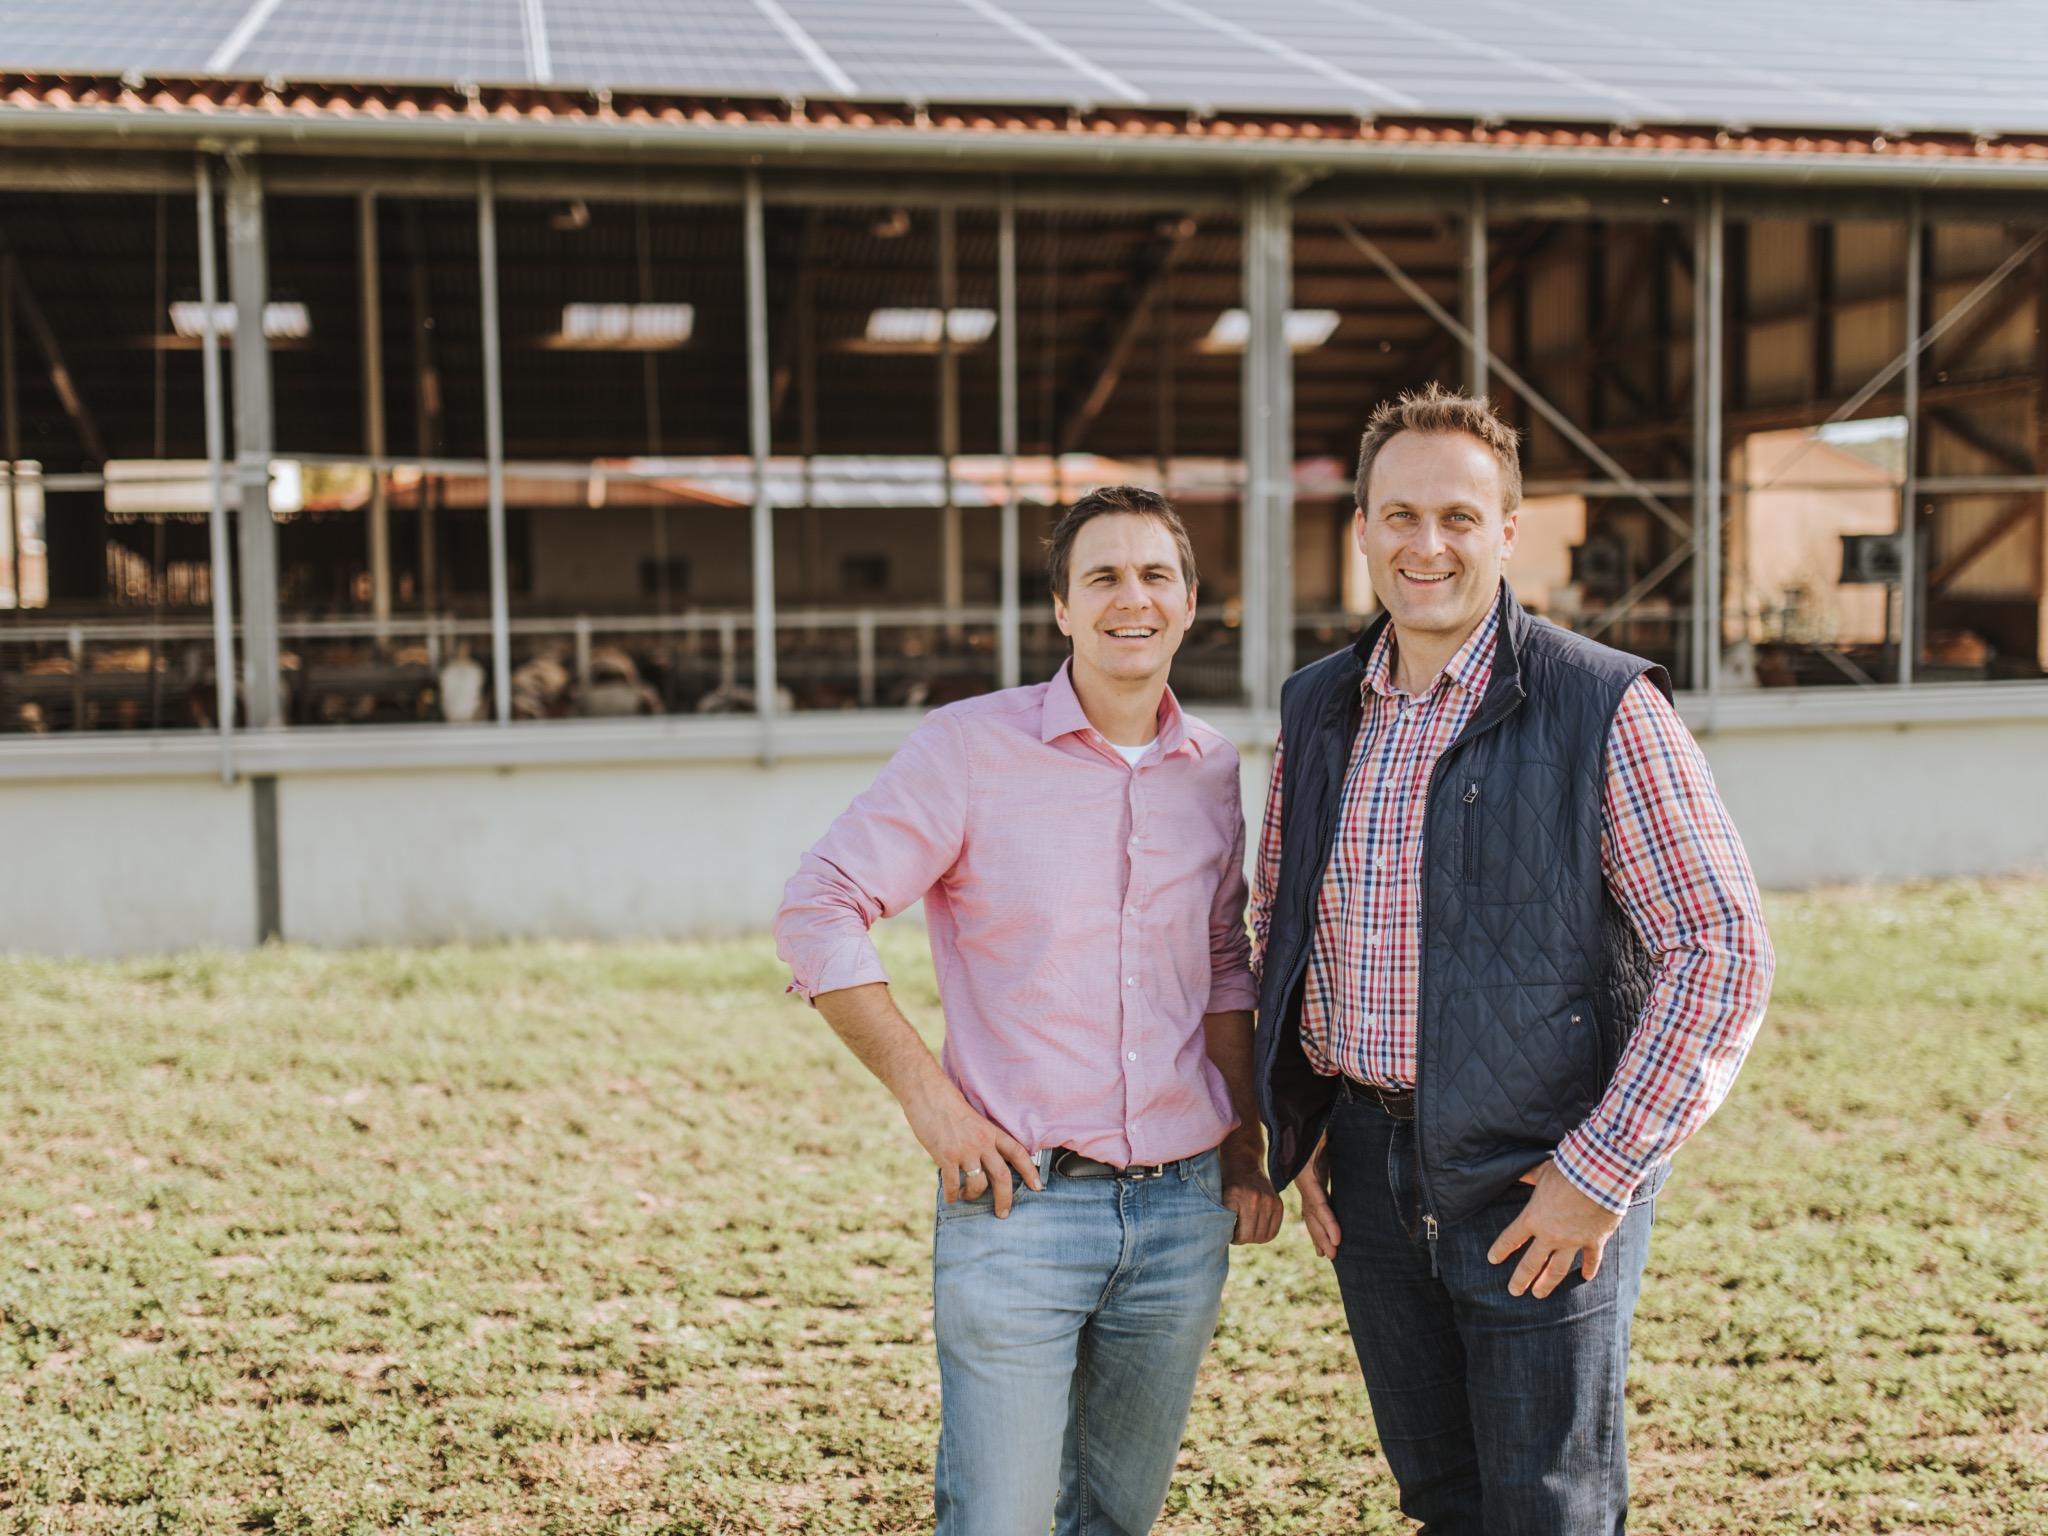 Familie Schmidt aus Sugenheim hat eine Photovoltaikanlage. Foto: Laura Schraudner Fotografie (WVV)